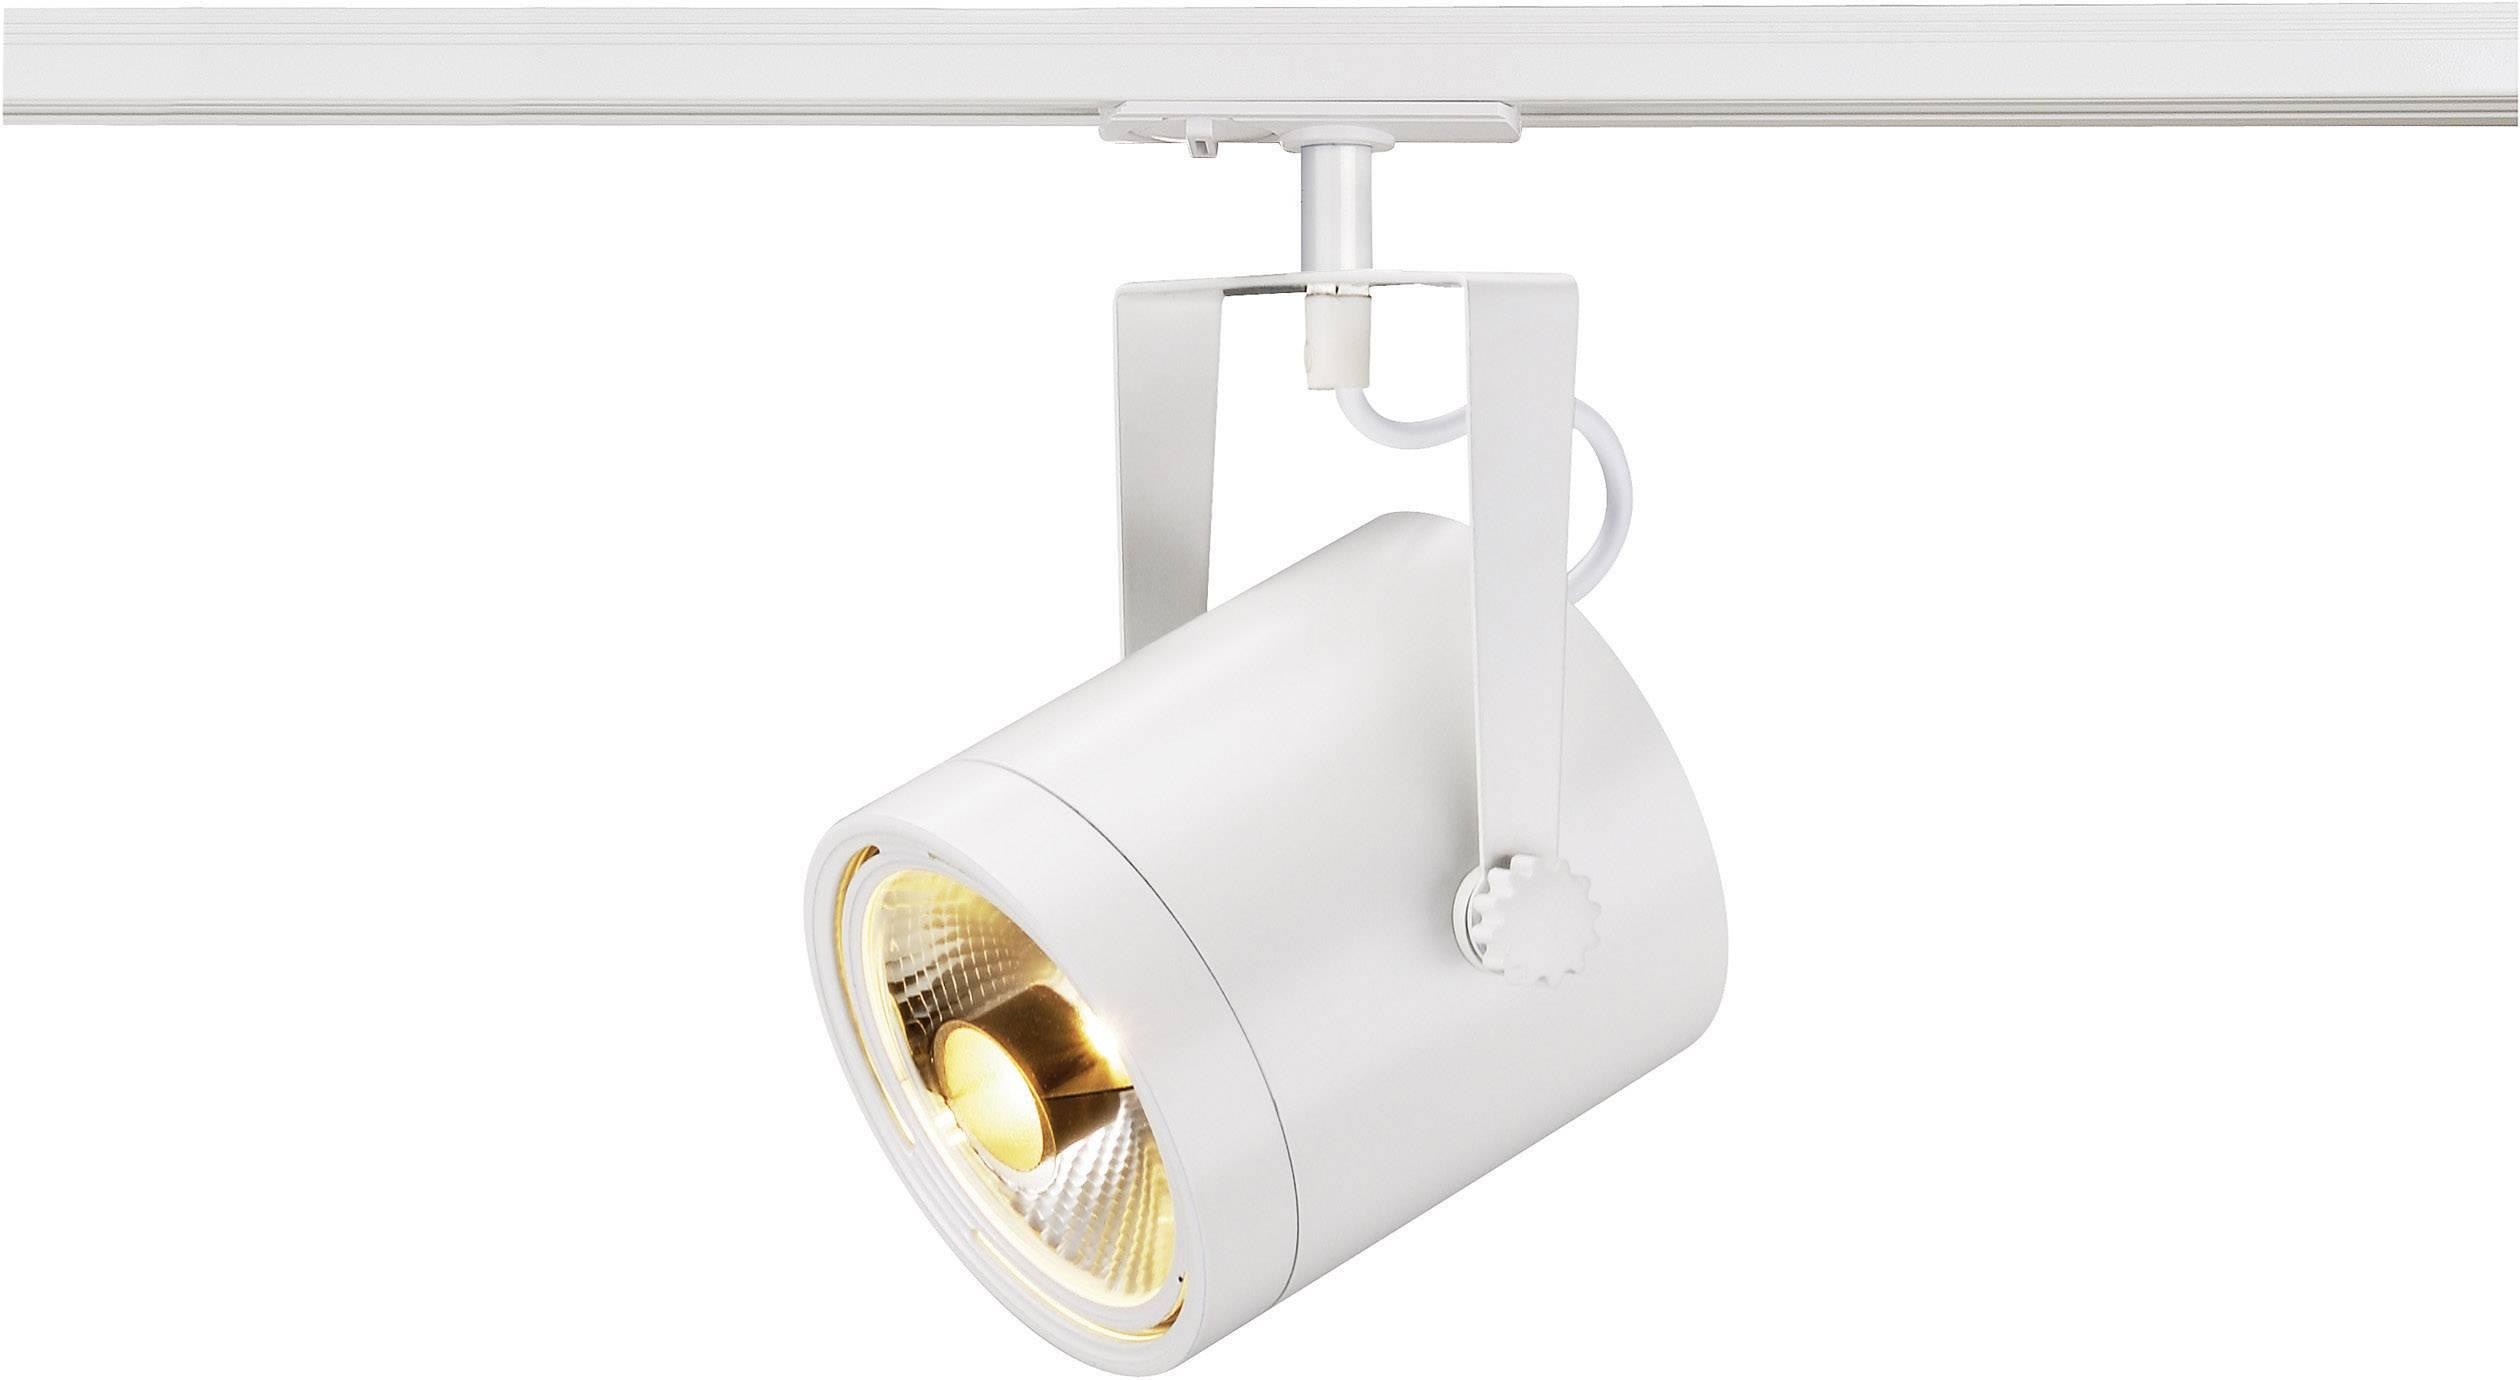 Svietidlo pre lištové systémy (230 V) - SLV EURO SPOT, GU10, 1-fázové, 75 W, biela